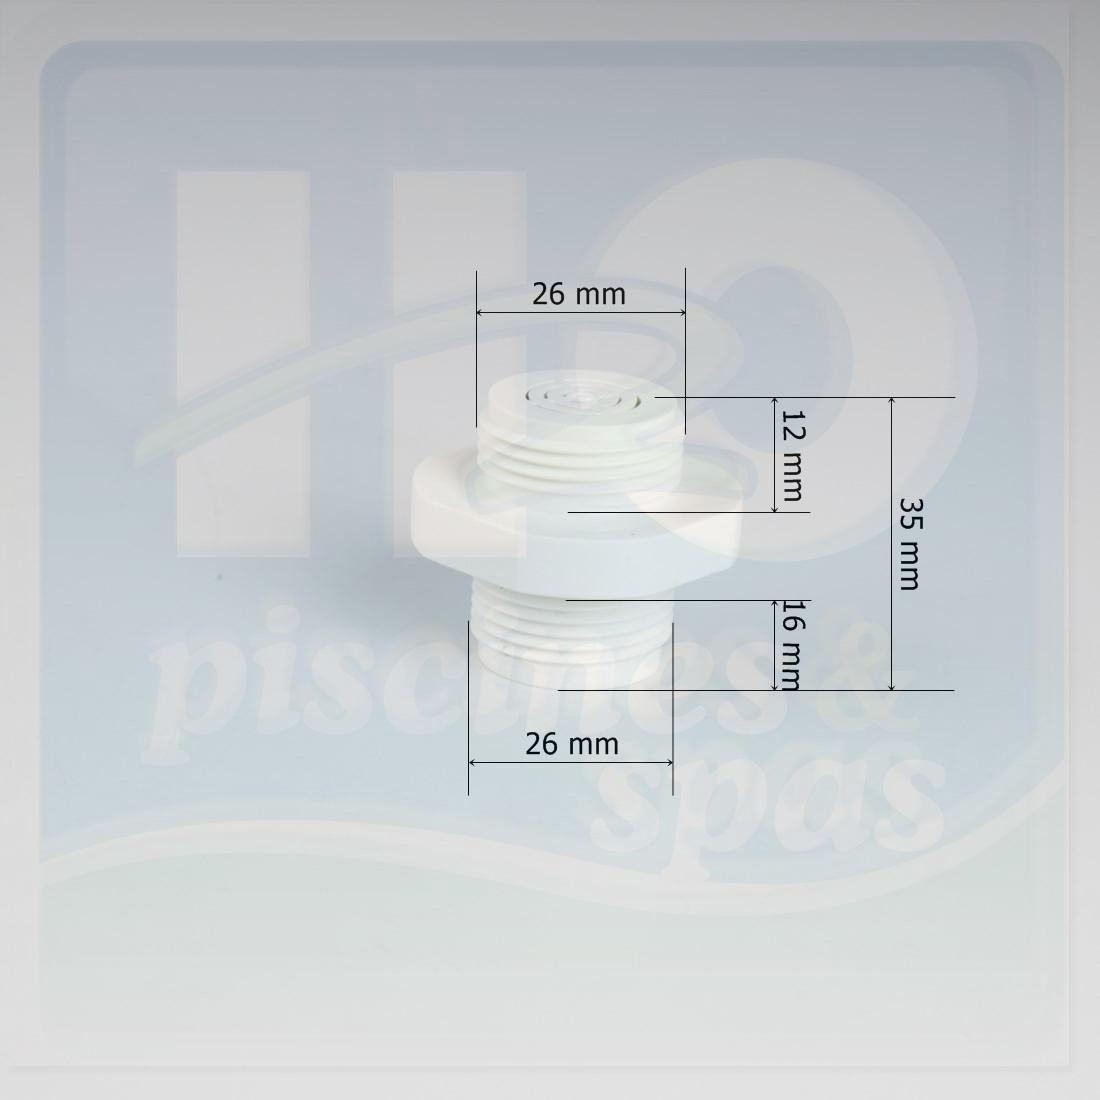 Grille de vidange du filtre sable aqualux apollo h2o for Bouchon de vidange filtre a sable piscine